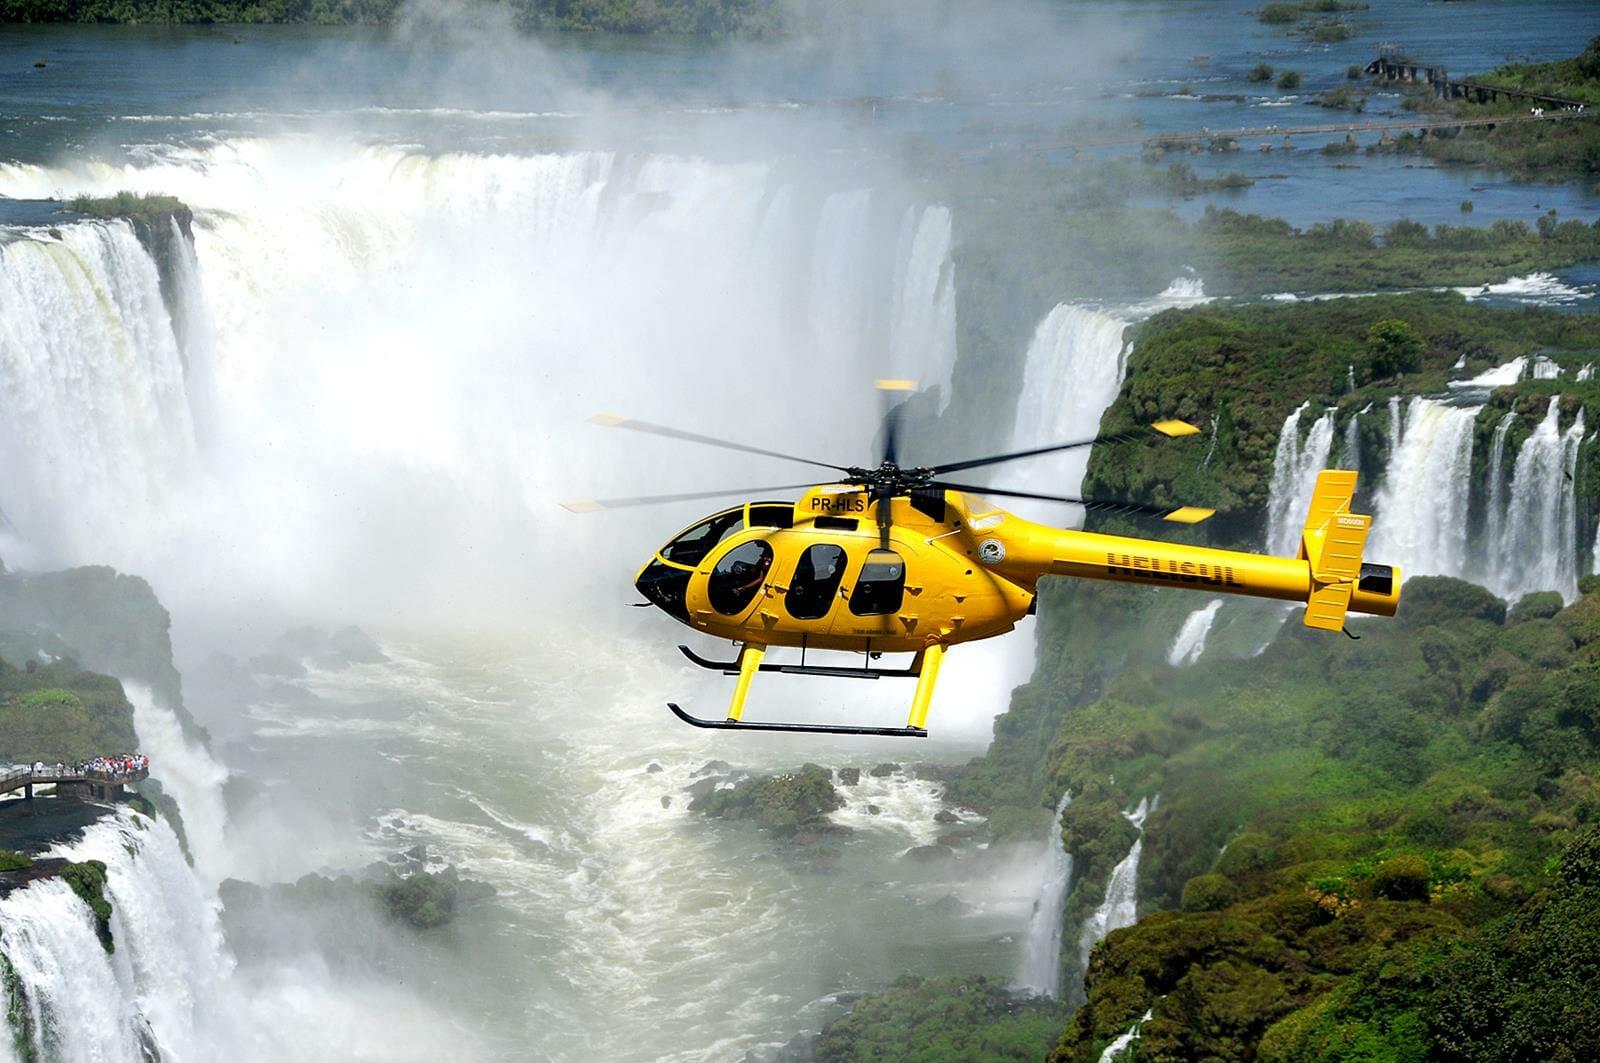 ImageVoo sobre as Cataratas do Iguaçu é com a Helisul. Saiba mais-voo-sobre-cataratas-foz-030717